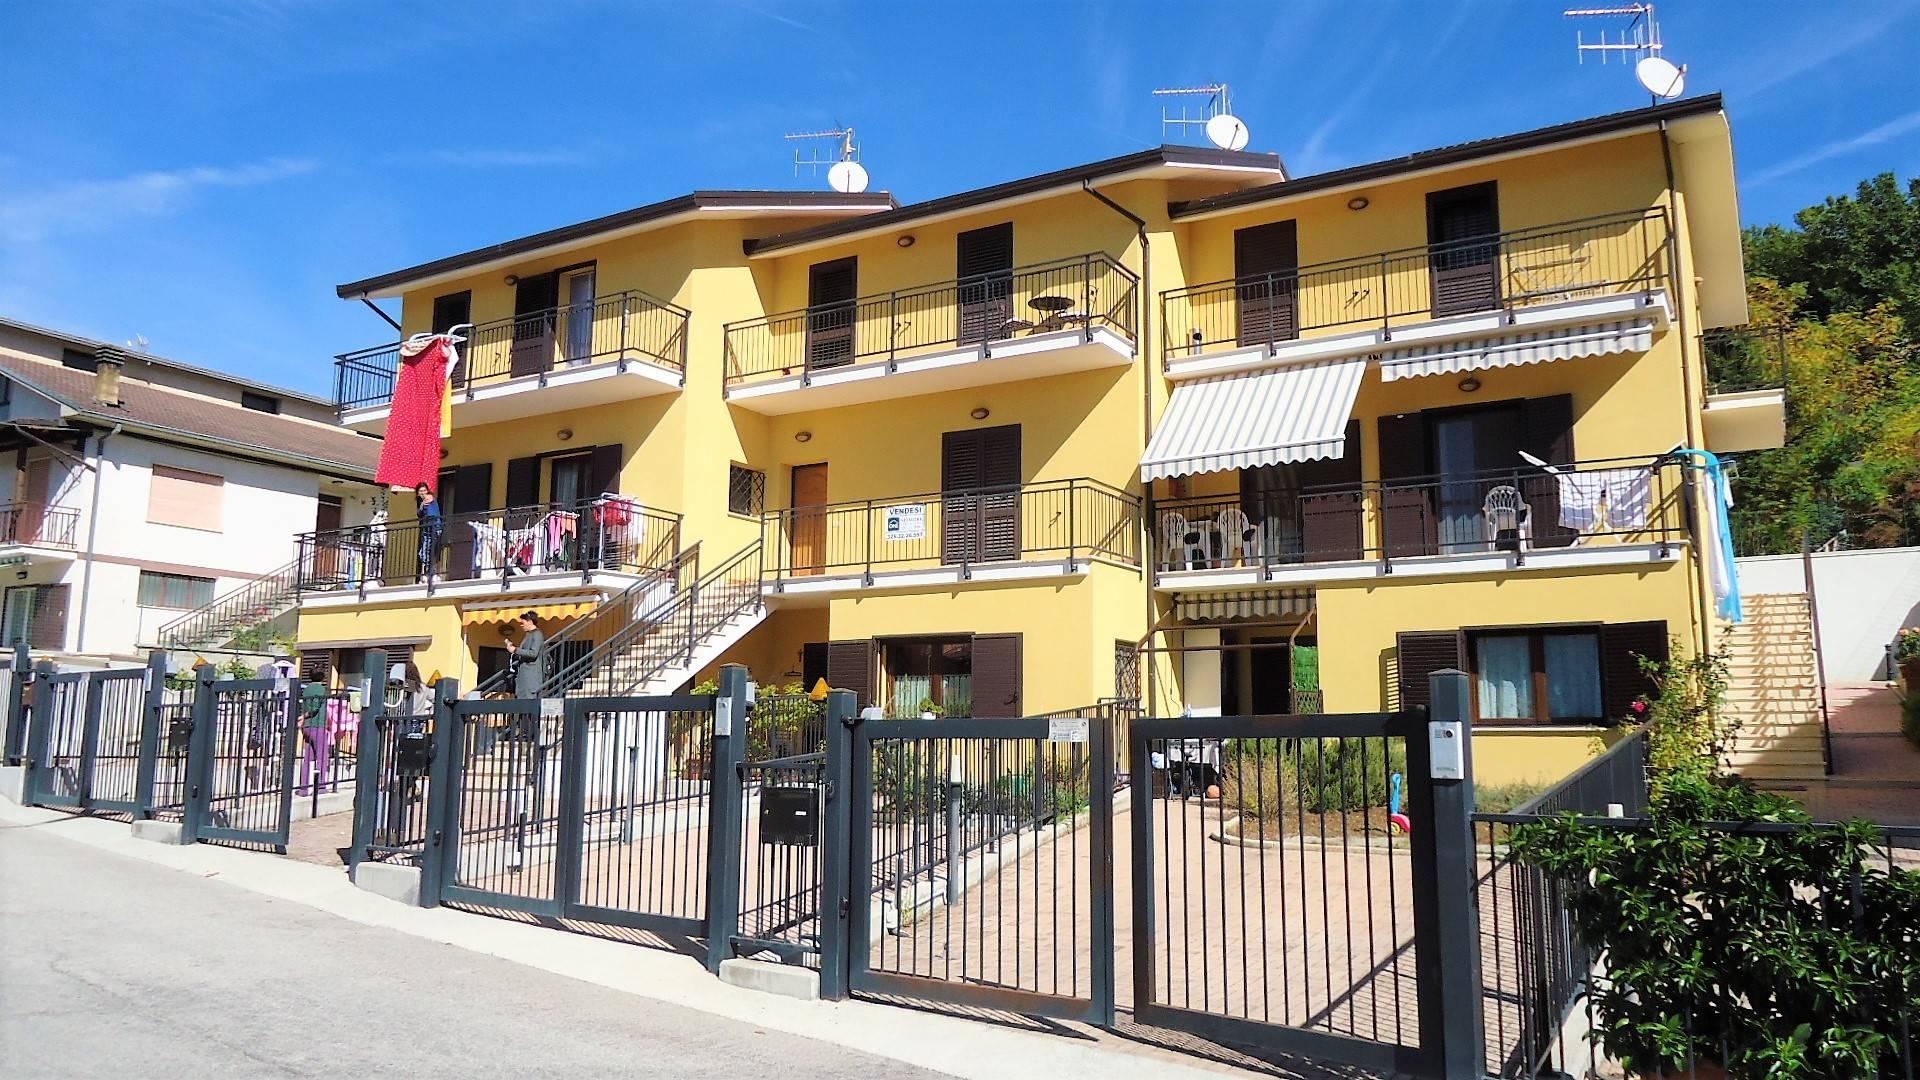 Villa a Schiera in vendita a Poggio Picenze, 4 locali, zona Località: PoggioPicenze, prezzo € 180.000 | CambioCasa.it